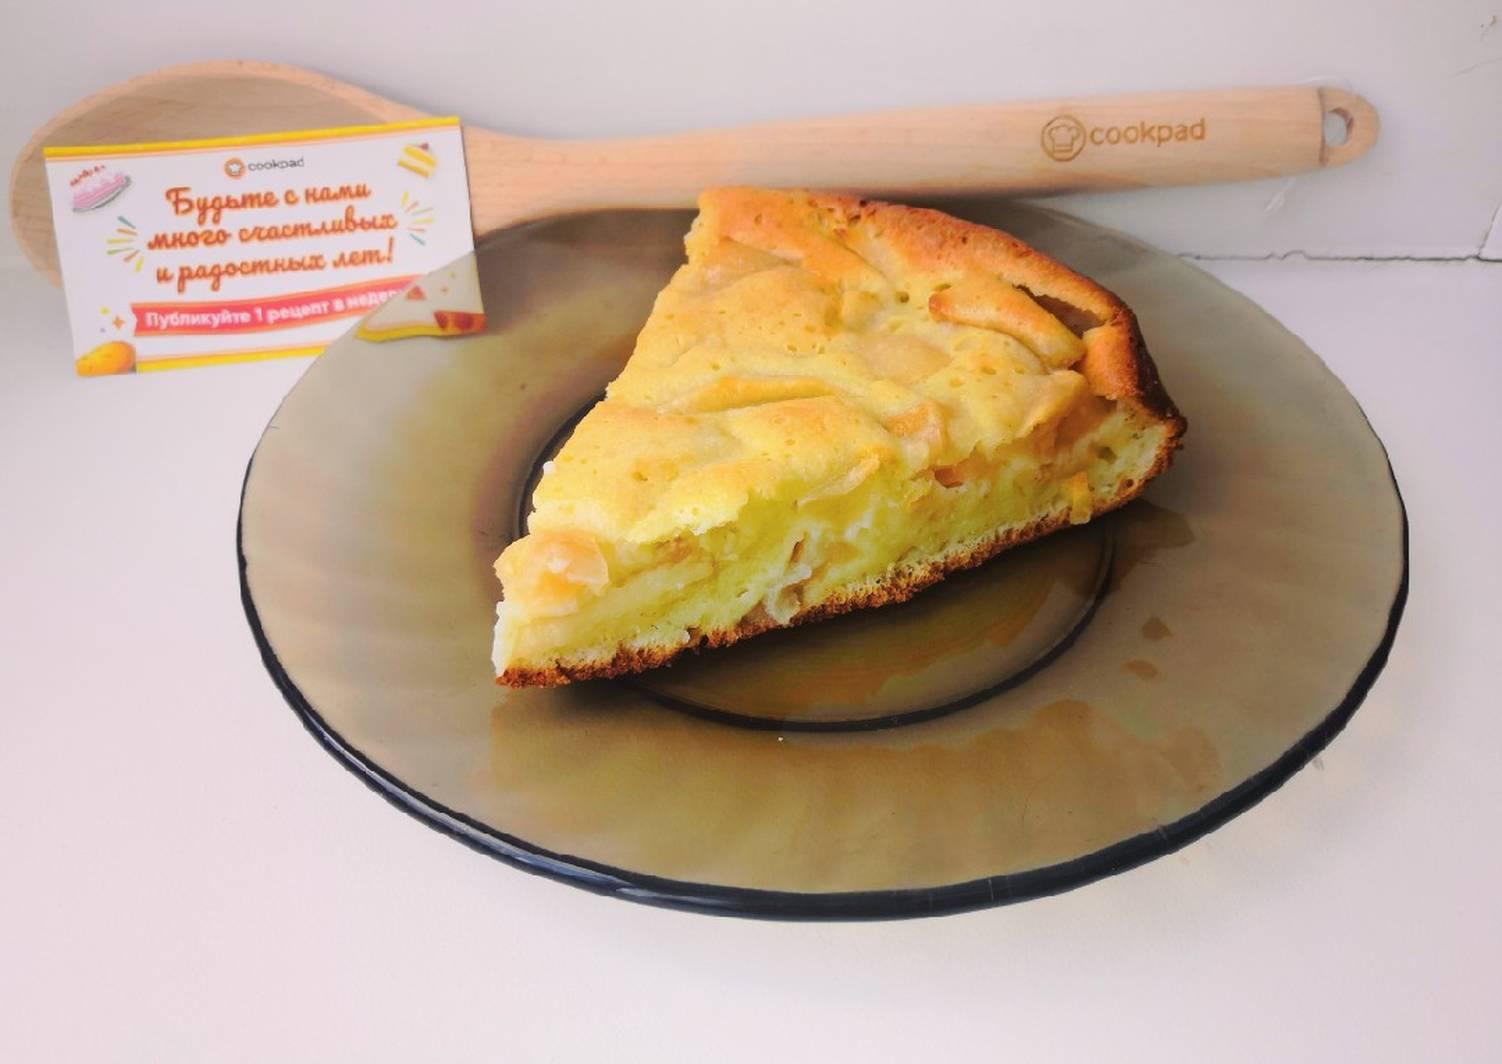 весенне-летний яблочный пирог из маккафе рецепт с фото для сканворда могут